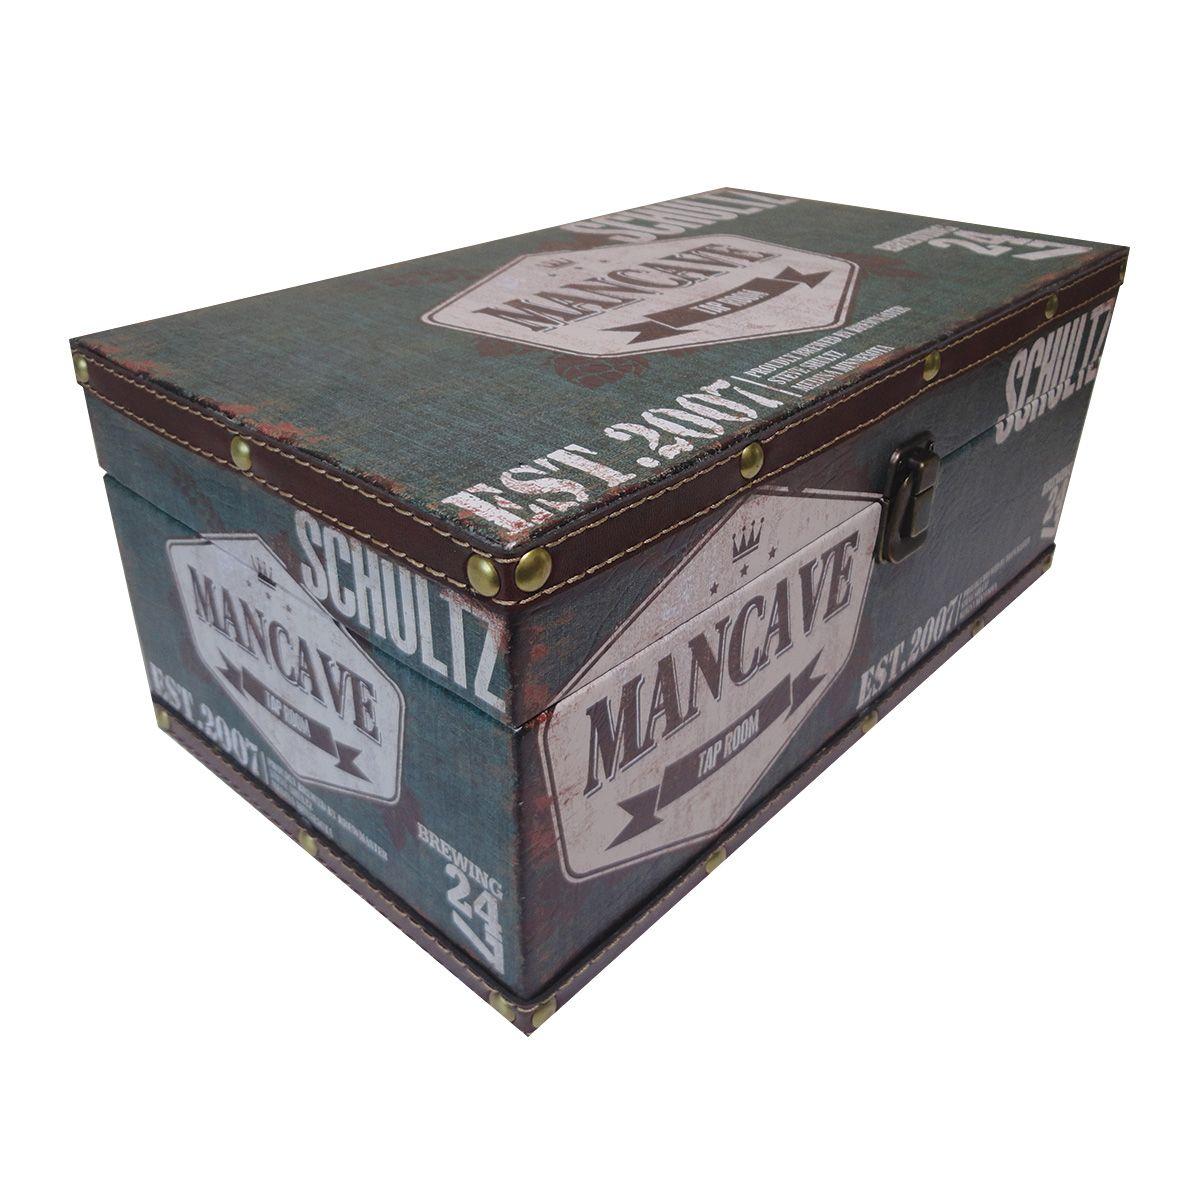 Kit Com 3 Caixas Organizadora revestida em Couro mod. Mancave